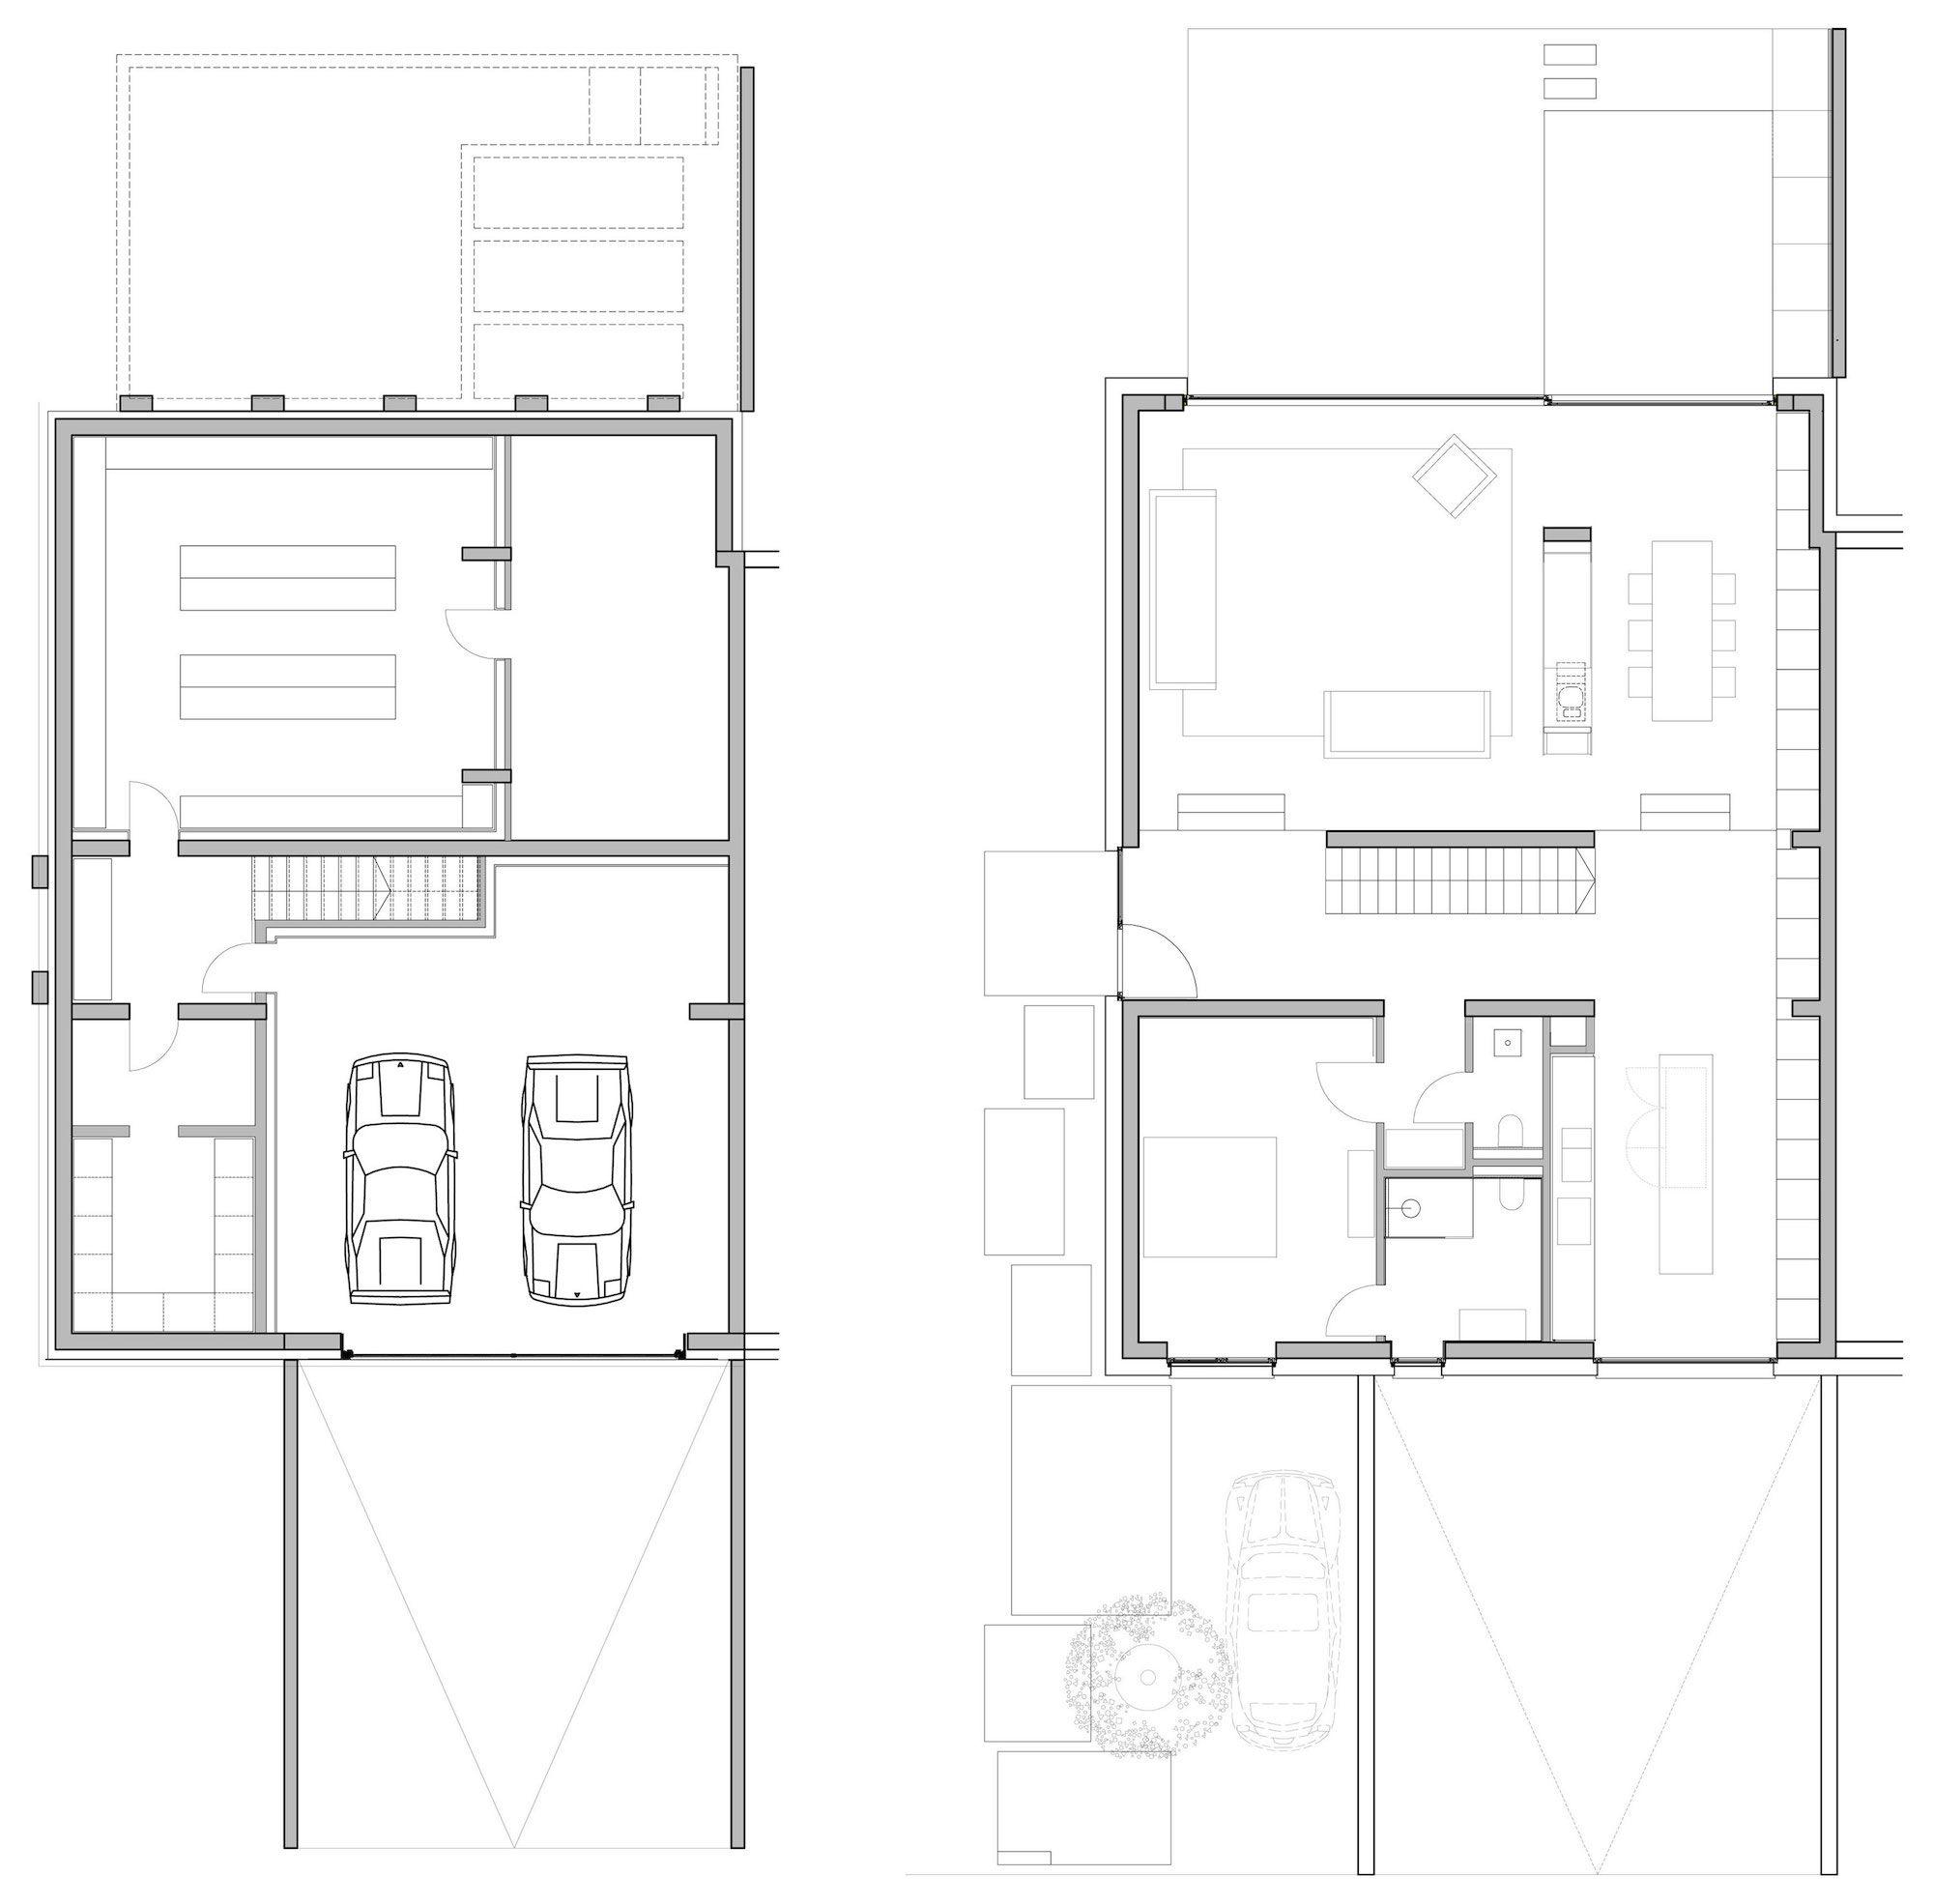 2-Row-Houses-In-Goeblange-21